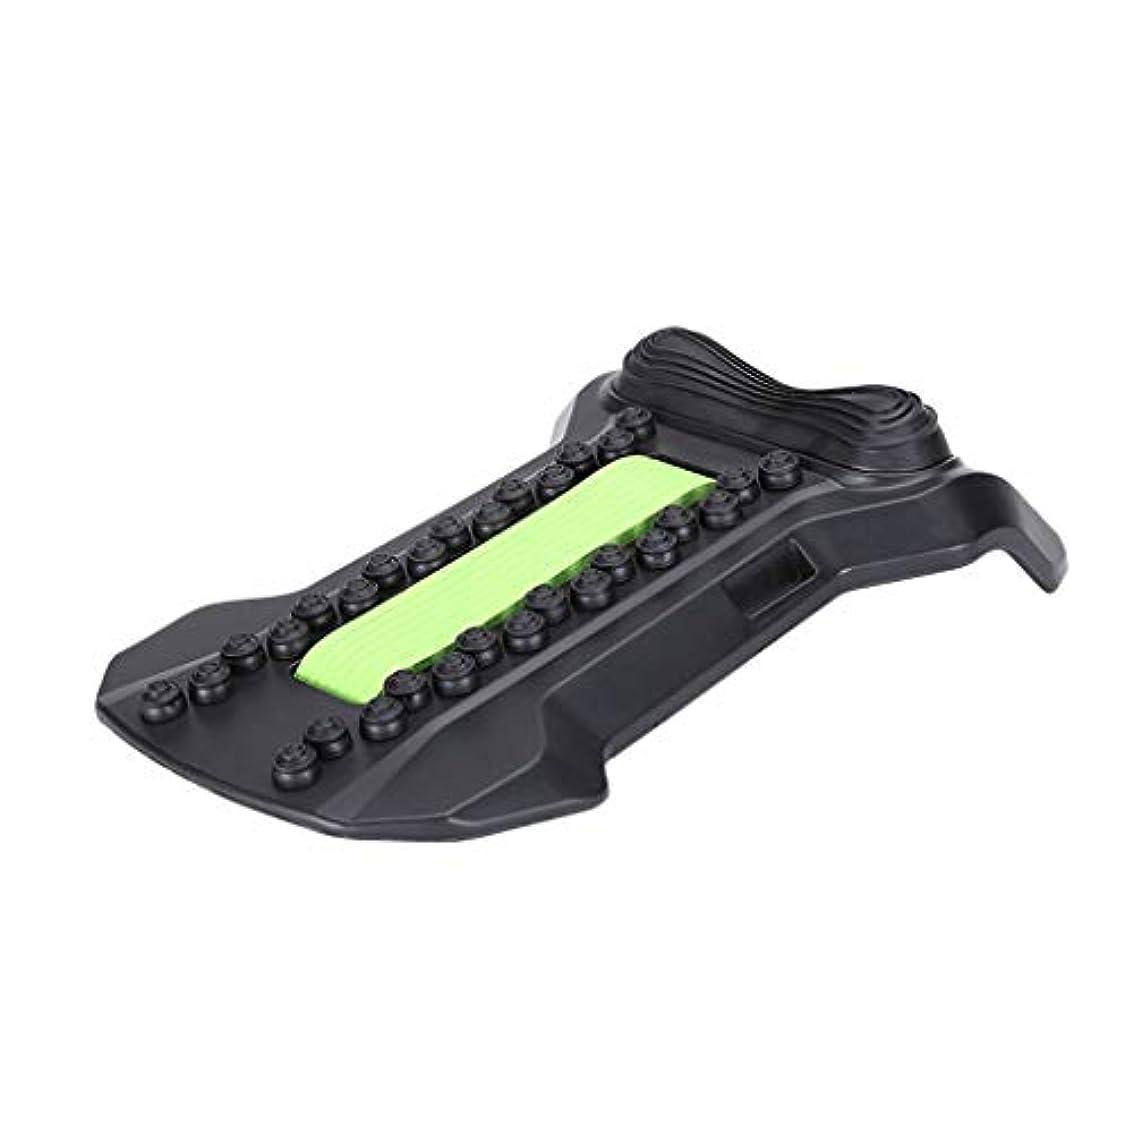 メロディアススリット不誠実背部マッサージャーの伸張装置、腰椎サポート弛緩の魔法の伸張器の適性の仲間の脊椎の痛みを和らげるカイロプラクター,Green